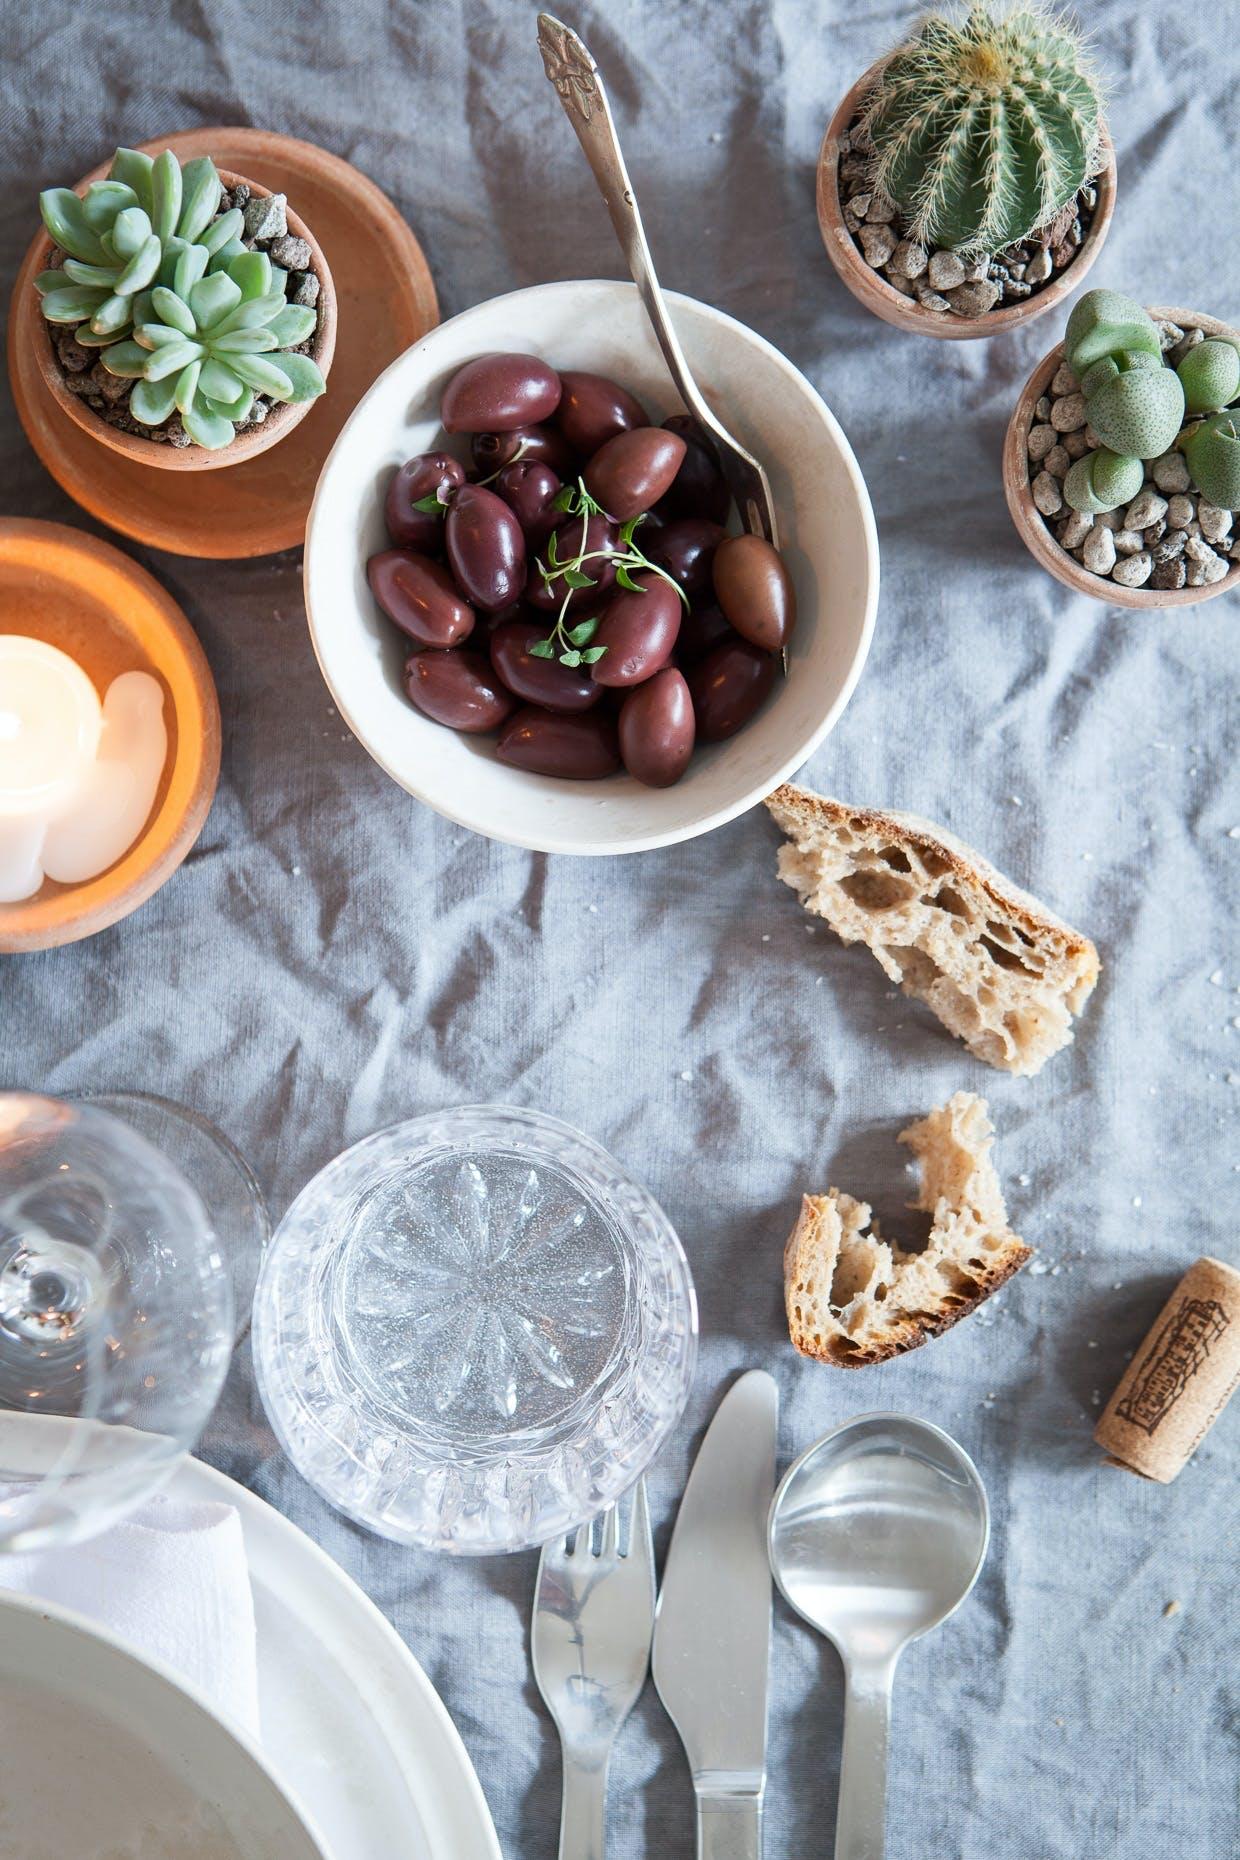 Stil sukkulenter og kaktusser på middagsbordet